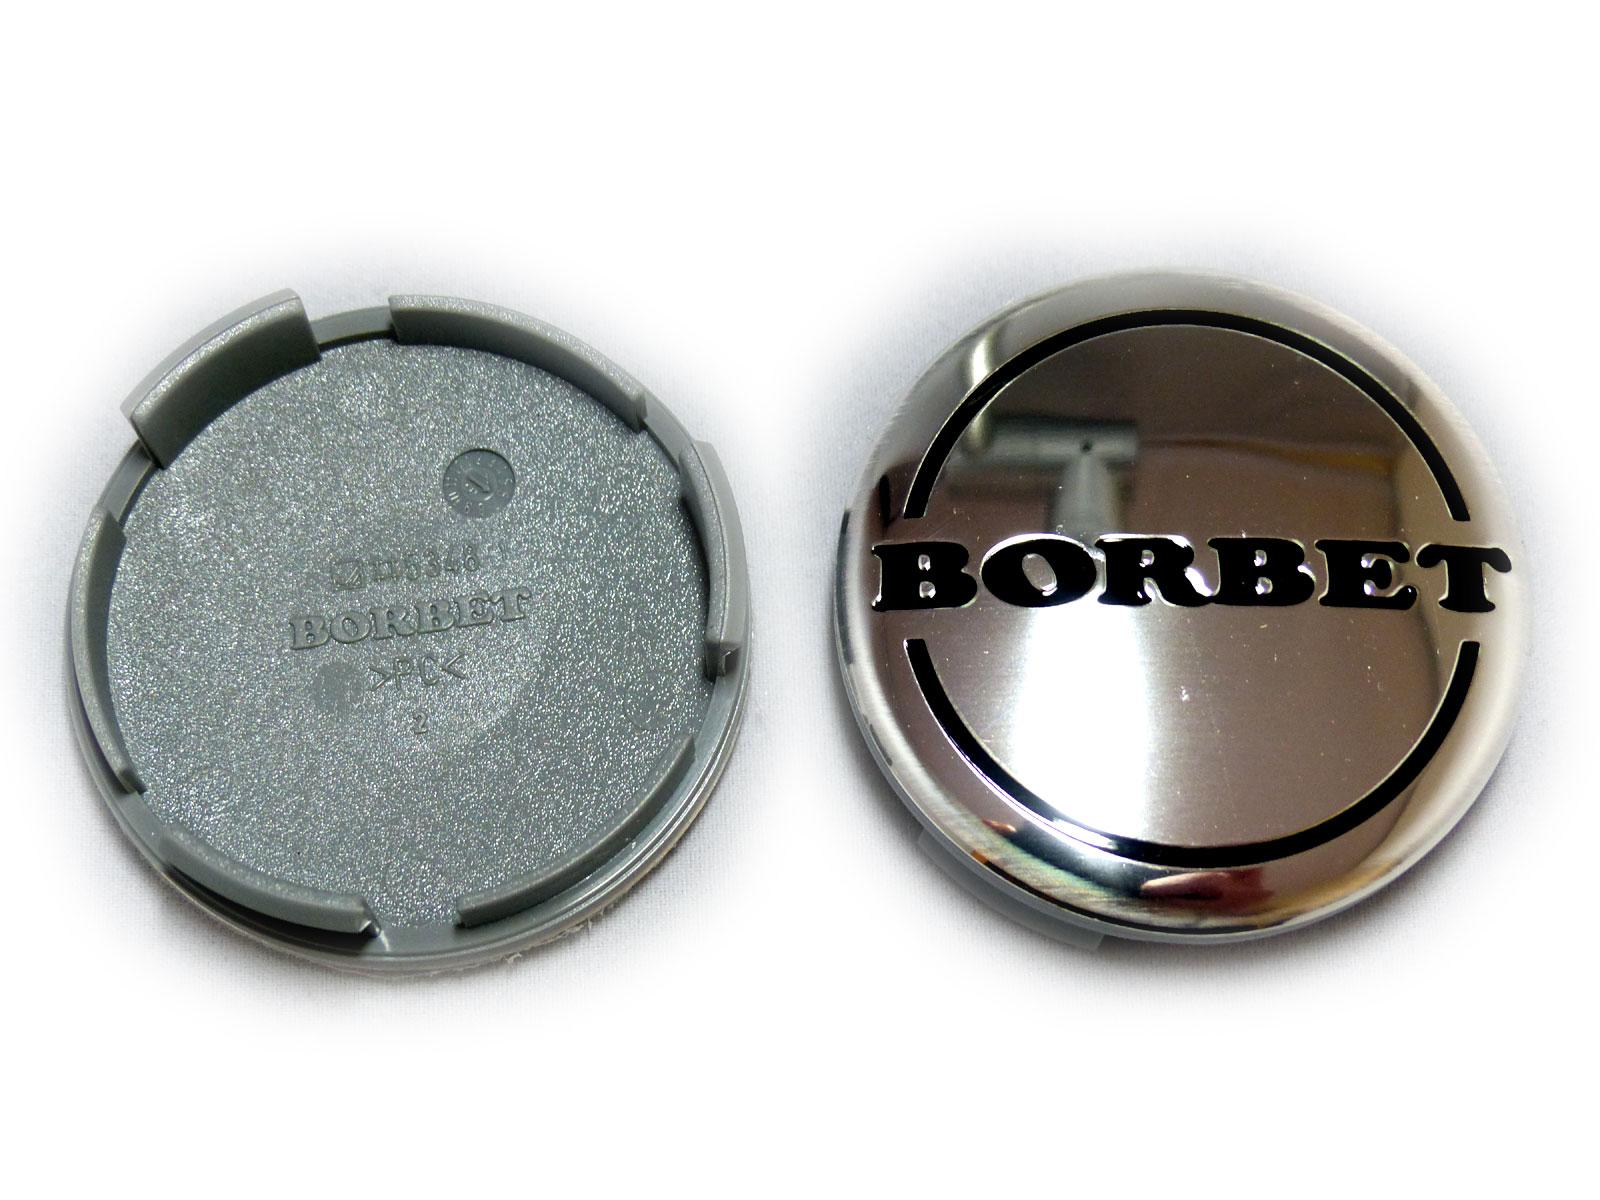 Borbet 56 mm Nabenkappe Nabendeckel Felgendeckel Chrom glänzend Alufelgen